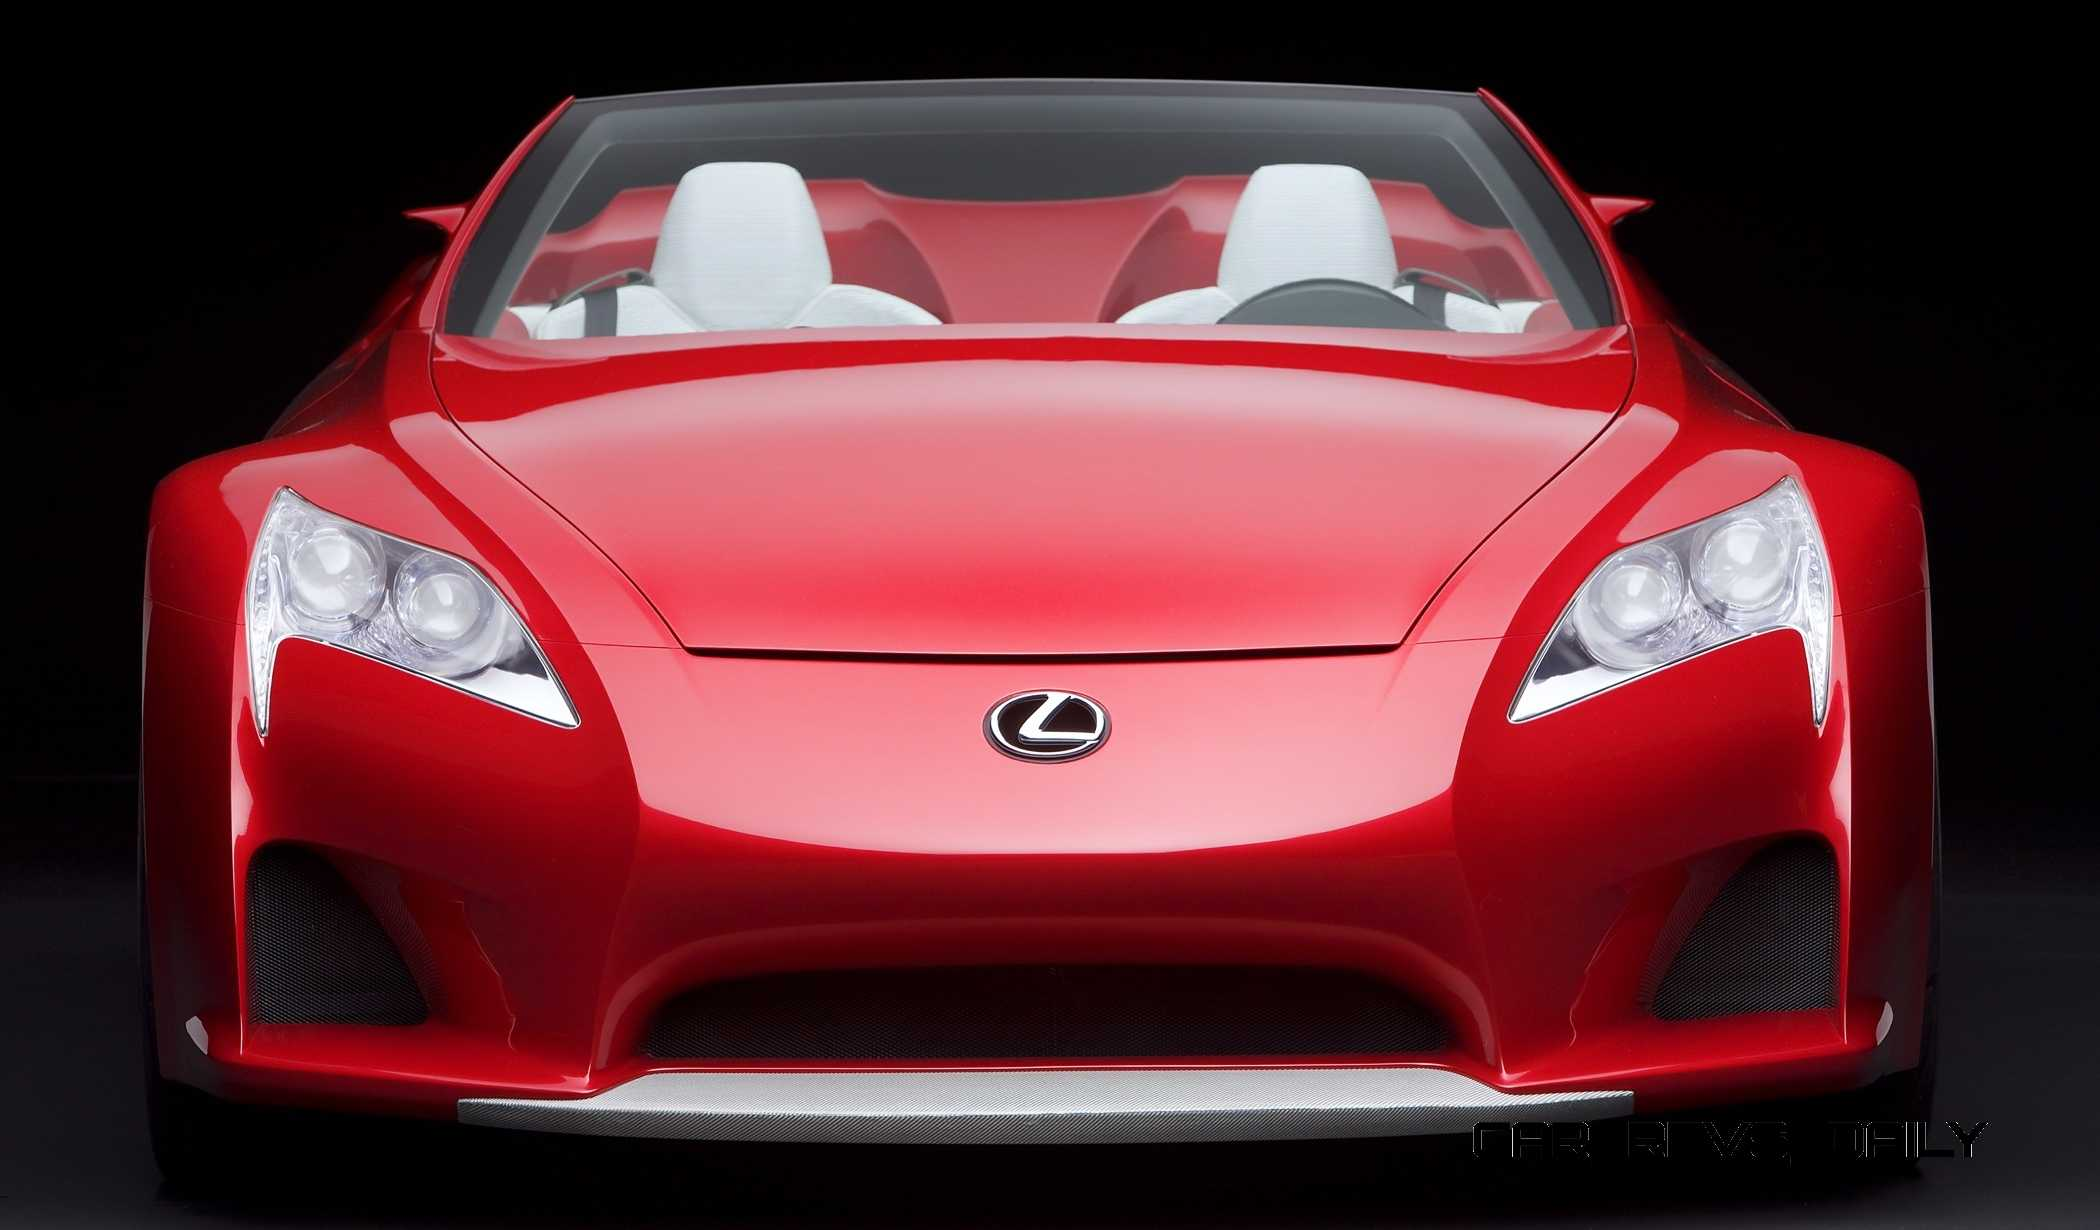 http://www.car-revs-daily.com/wp-content/uploads/2014/10/2007-Lexus-LF-A-Roadster-3.jpg